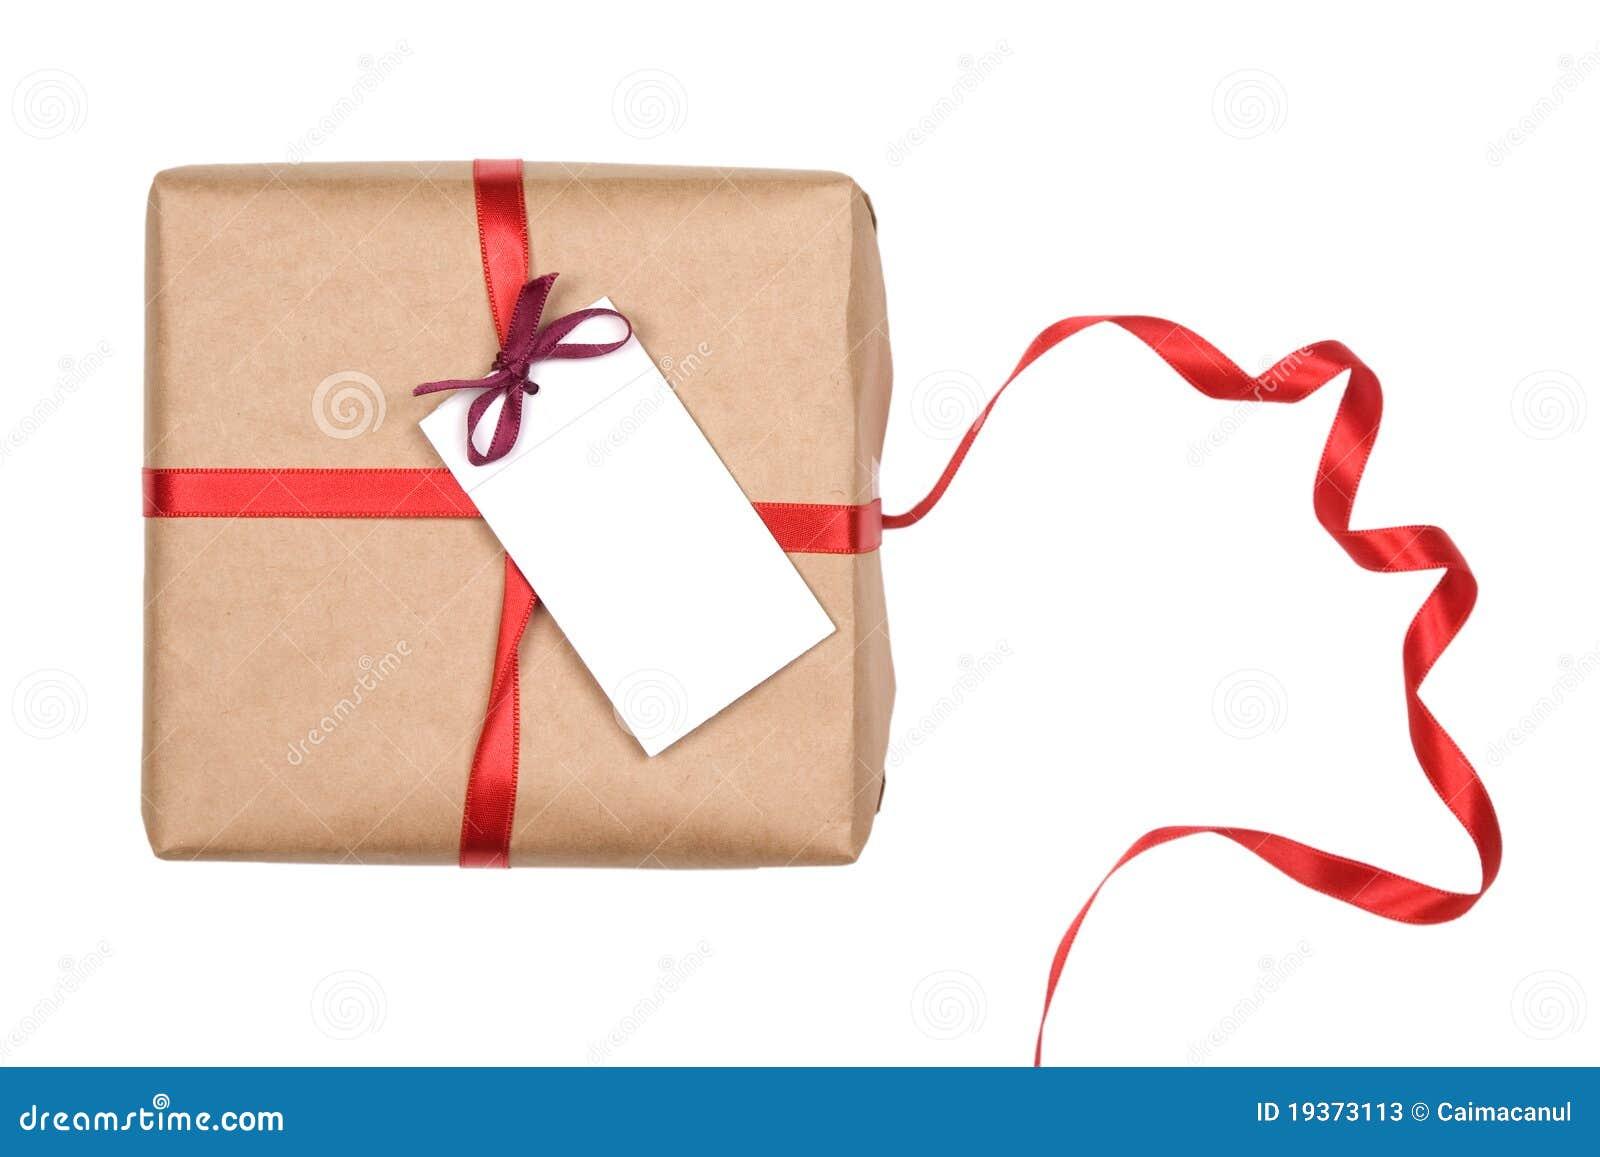 Caixa de presente com fita vermelha e etiqueta em branco